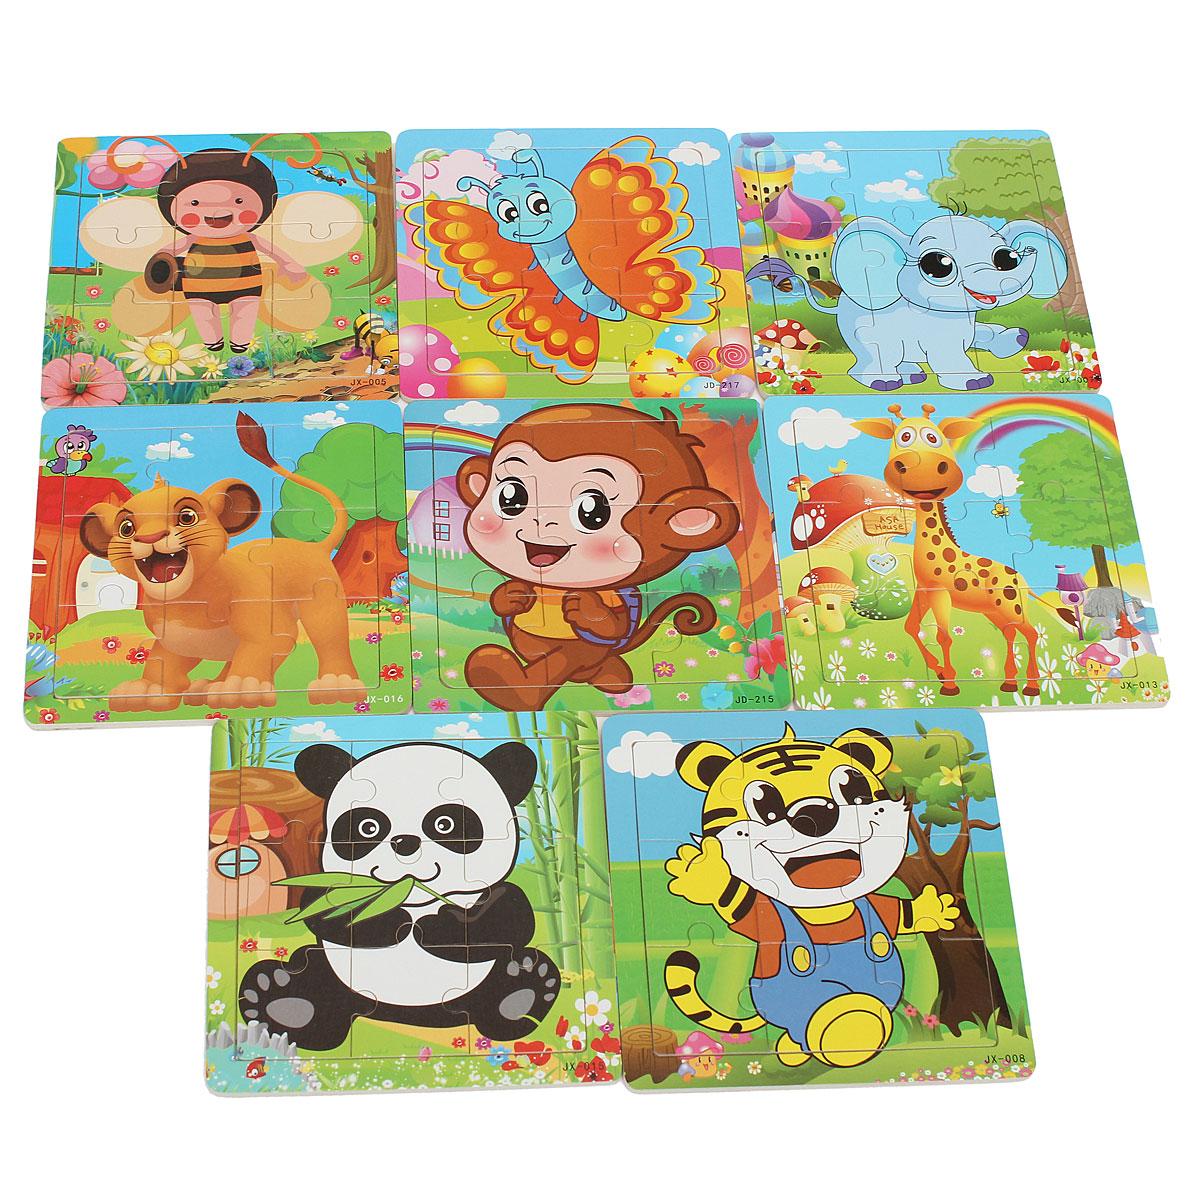 puzzle en bois jouet animal cartoon pour enfant b b jeu educatif casse t te ebay. Black Bedroom Furniture Sets. Home Design Ideas